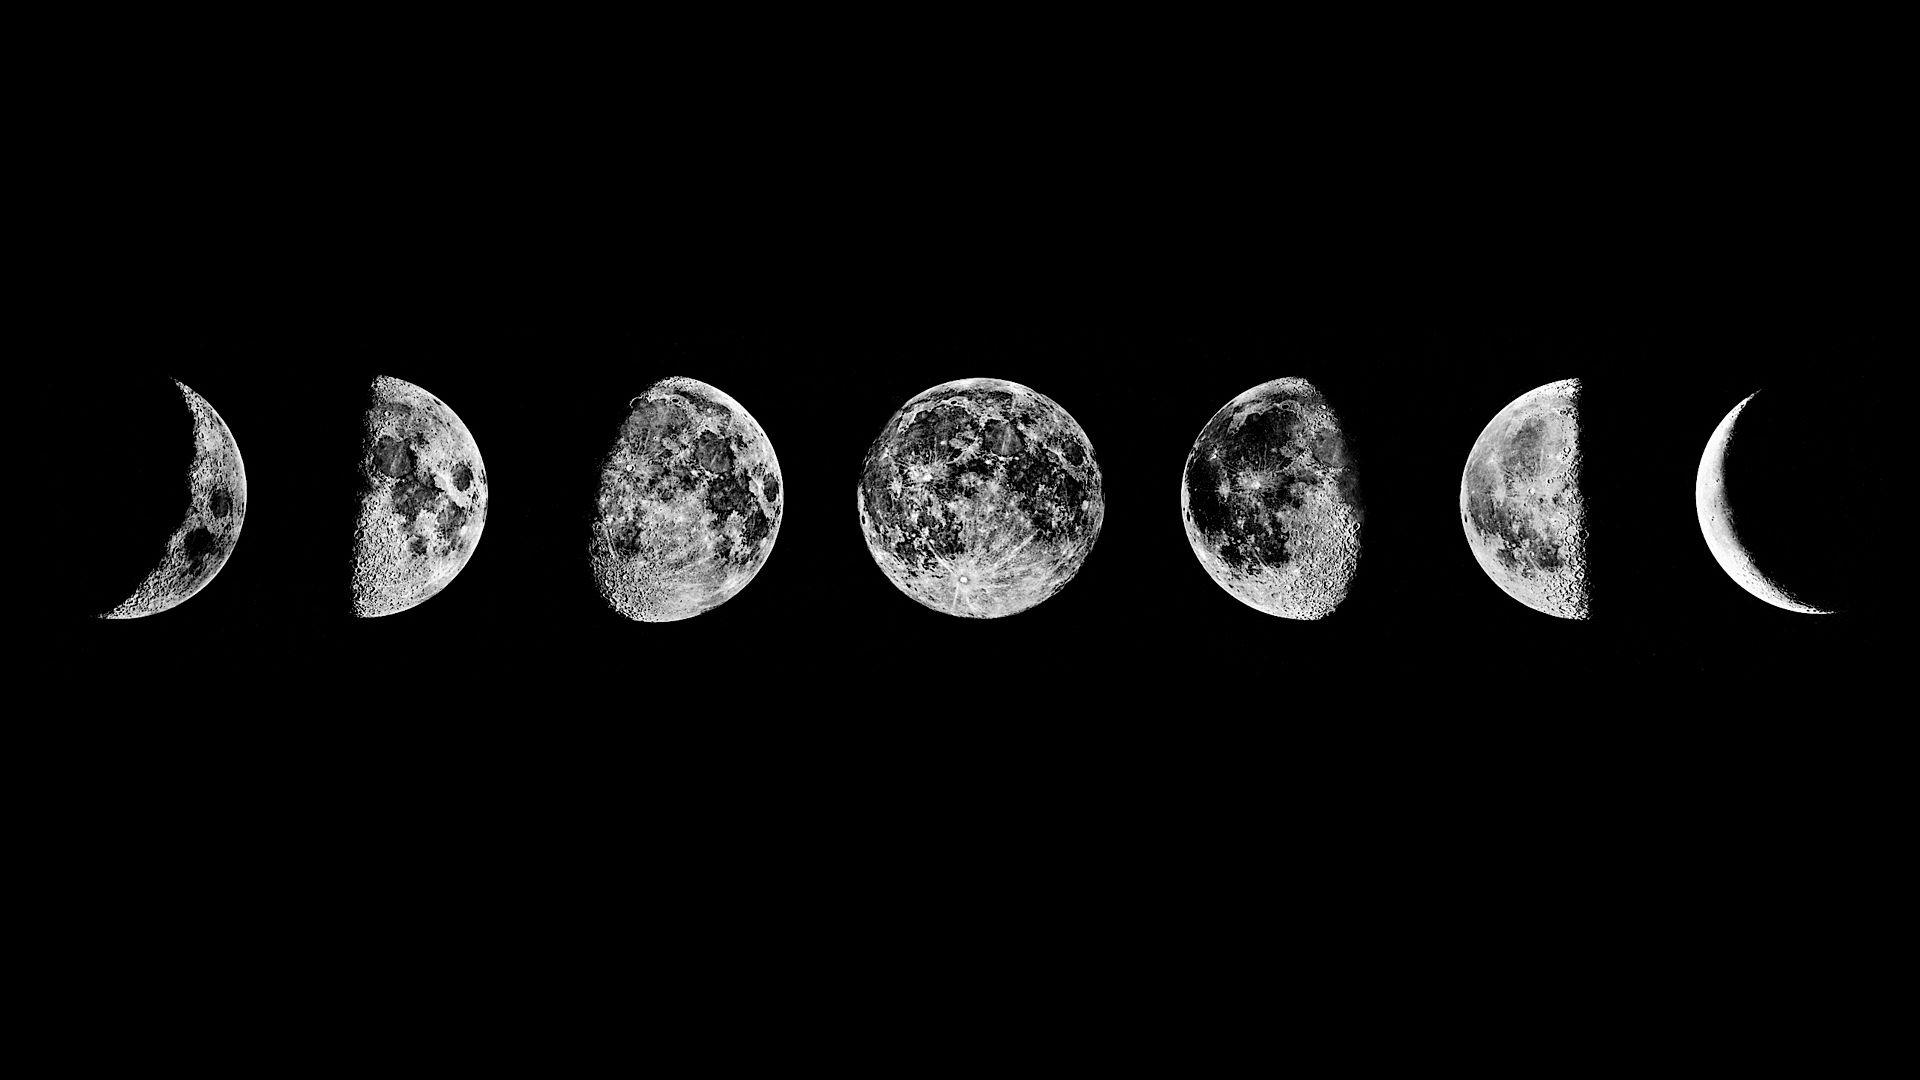 Hình nền đen trắng cho máy tính chu kỳ vầng trăng